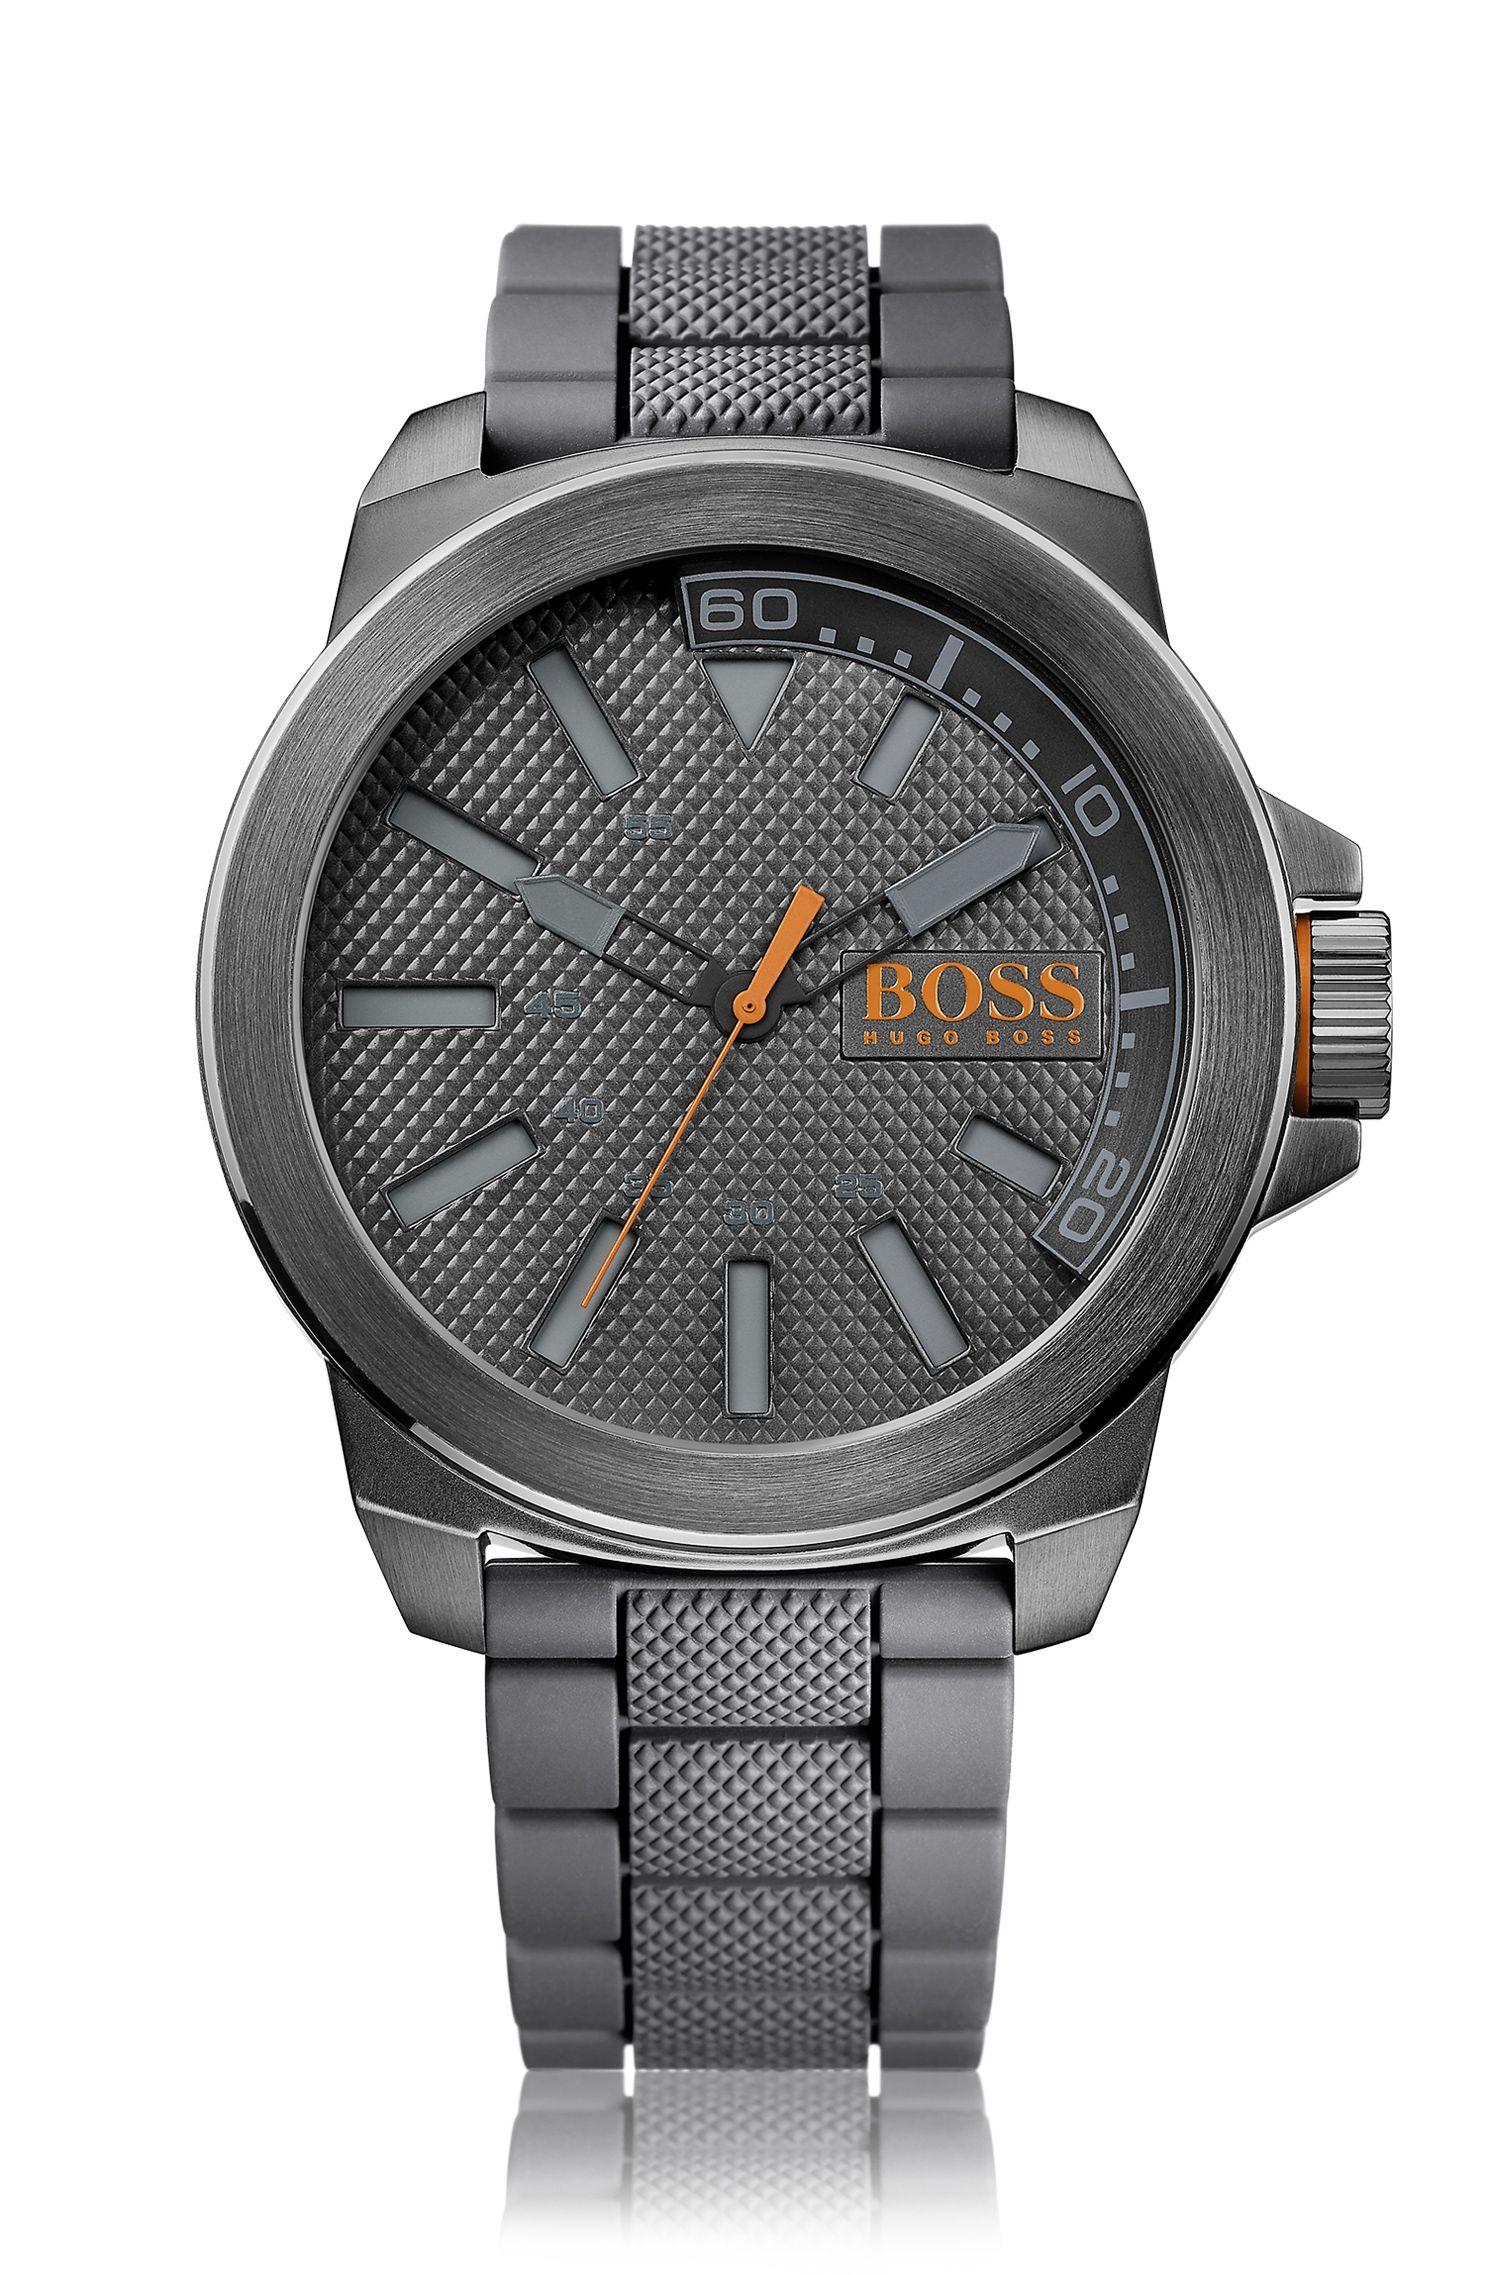 Uhr aus Edelstahl mit drei Zeigern, strukturiertem Zifferblatt und Silikonarmband